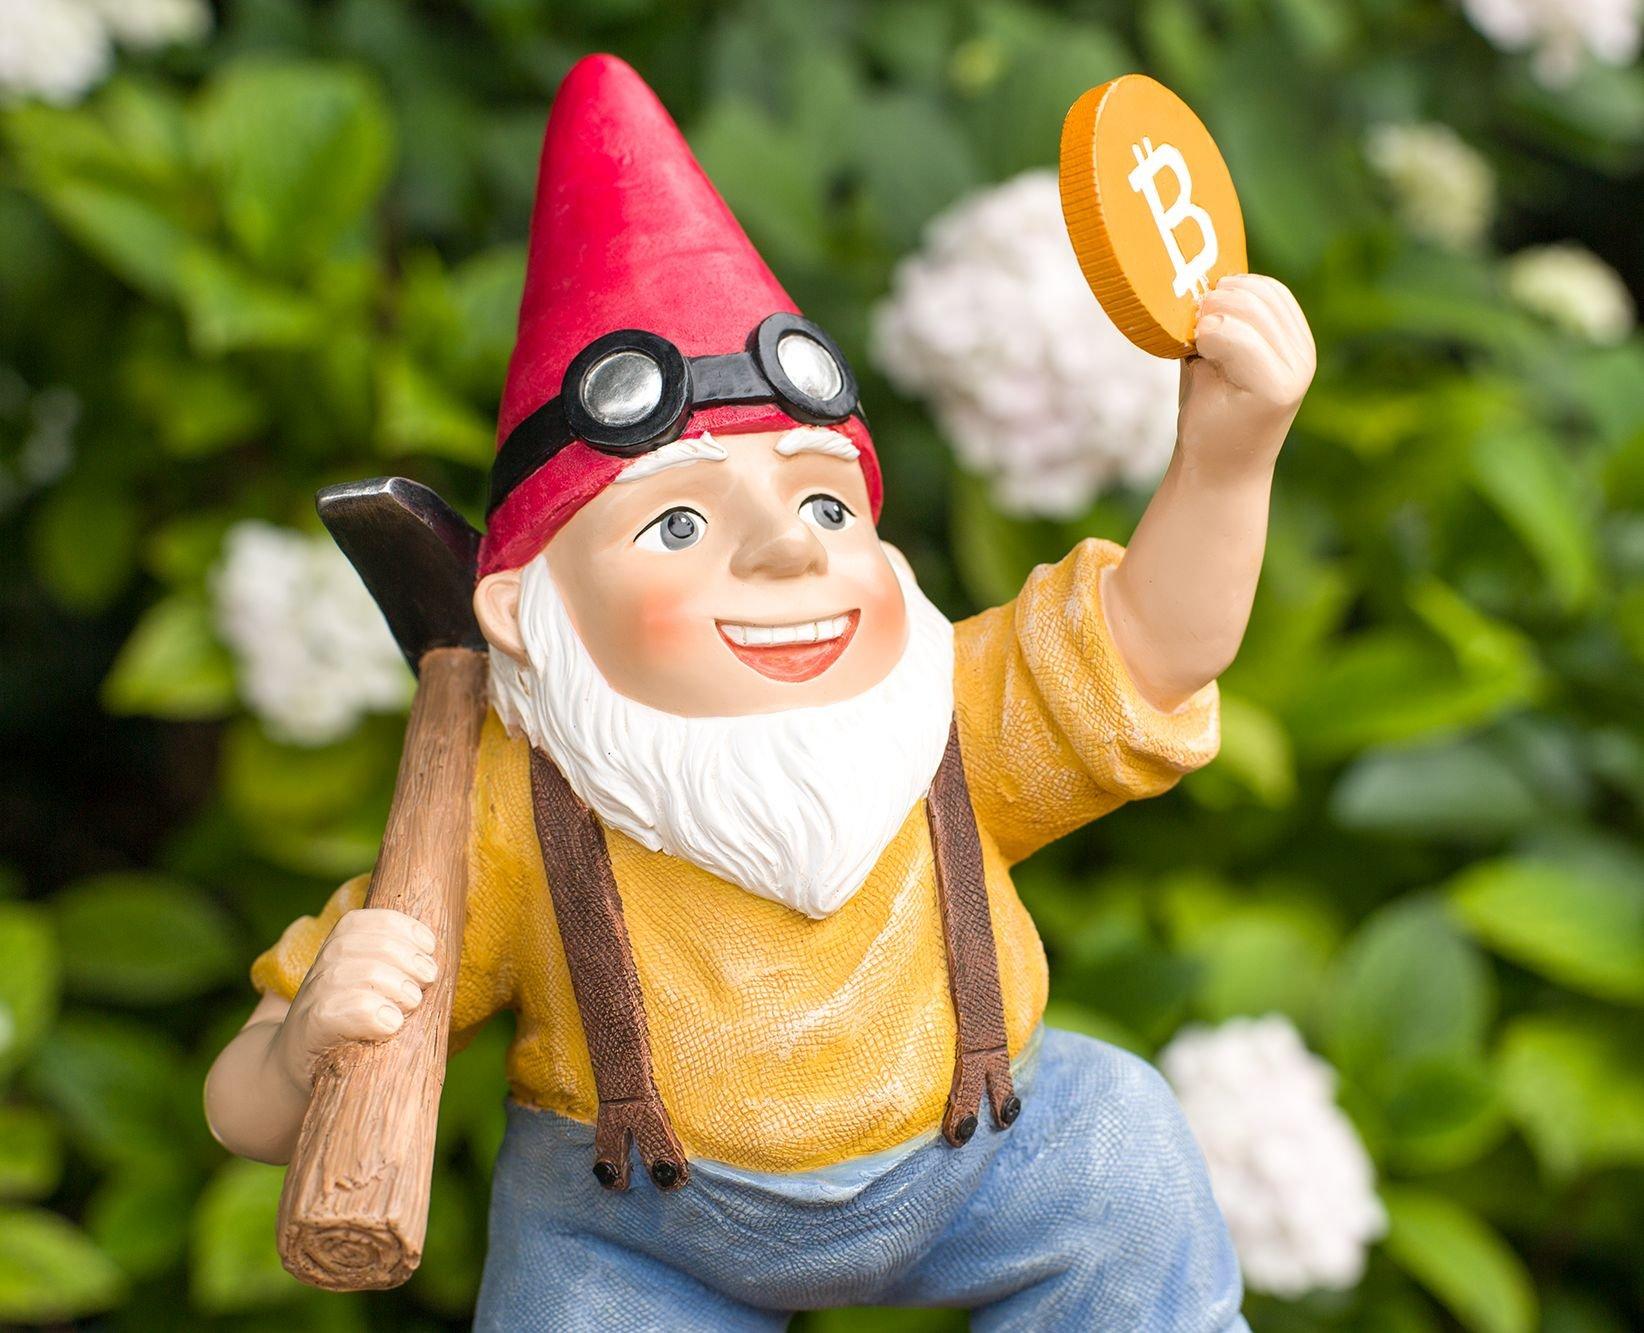 Joykick Bitcoin - Figura Decorativa de jardín Pintada a Mano, 28 x 19 cm, diseño de gnomo de Miner, para Uso en Interiores y Exteriores, Regalo Divertido para decoración del hogar o